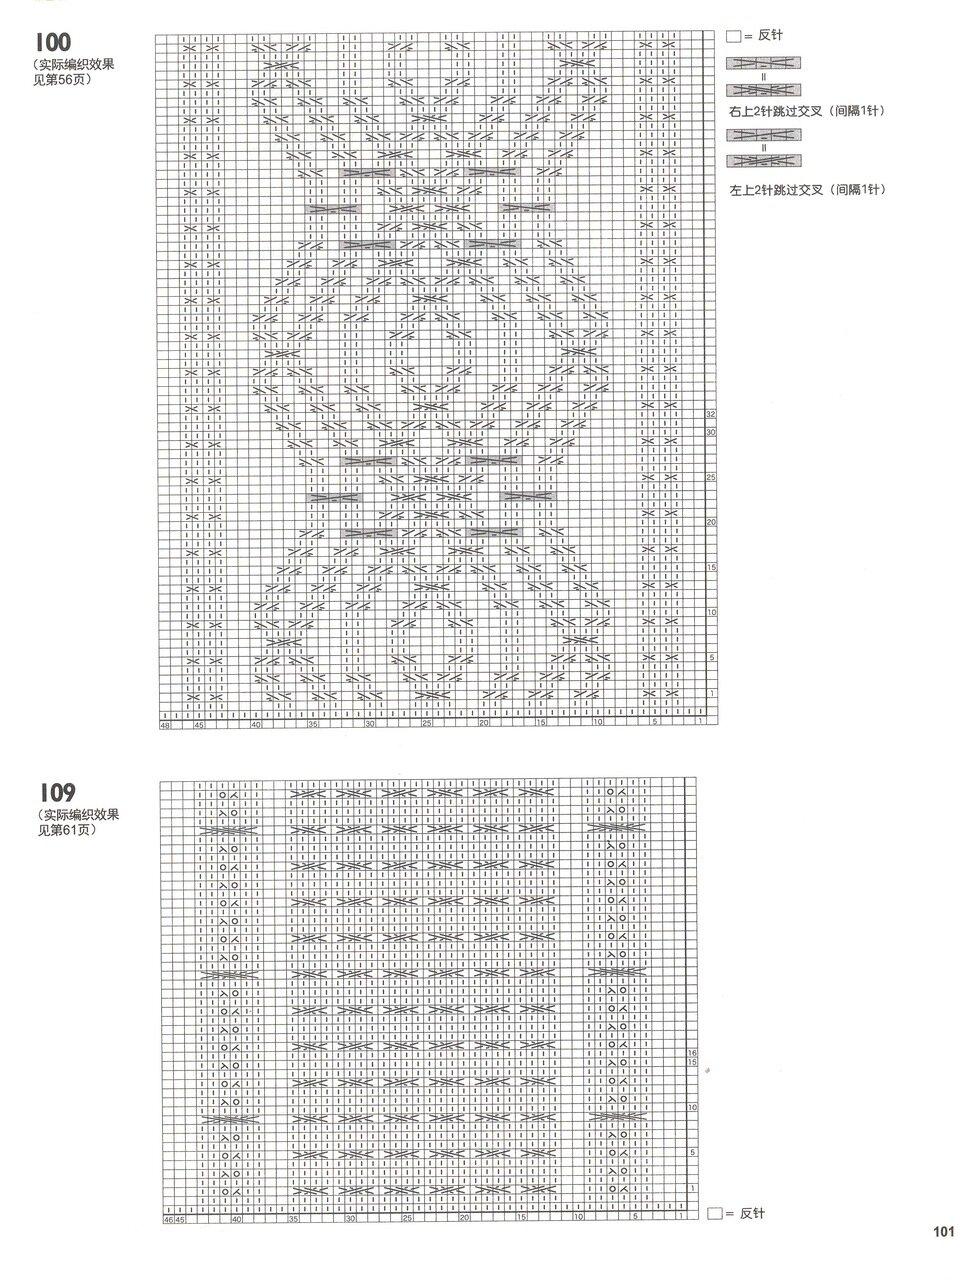 冈本启子的创意棒针编织花样精选150(2) - 彩凤双翼 - 彩凤双翼